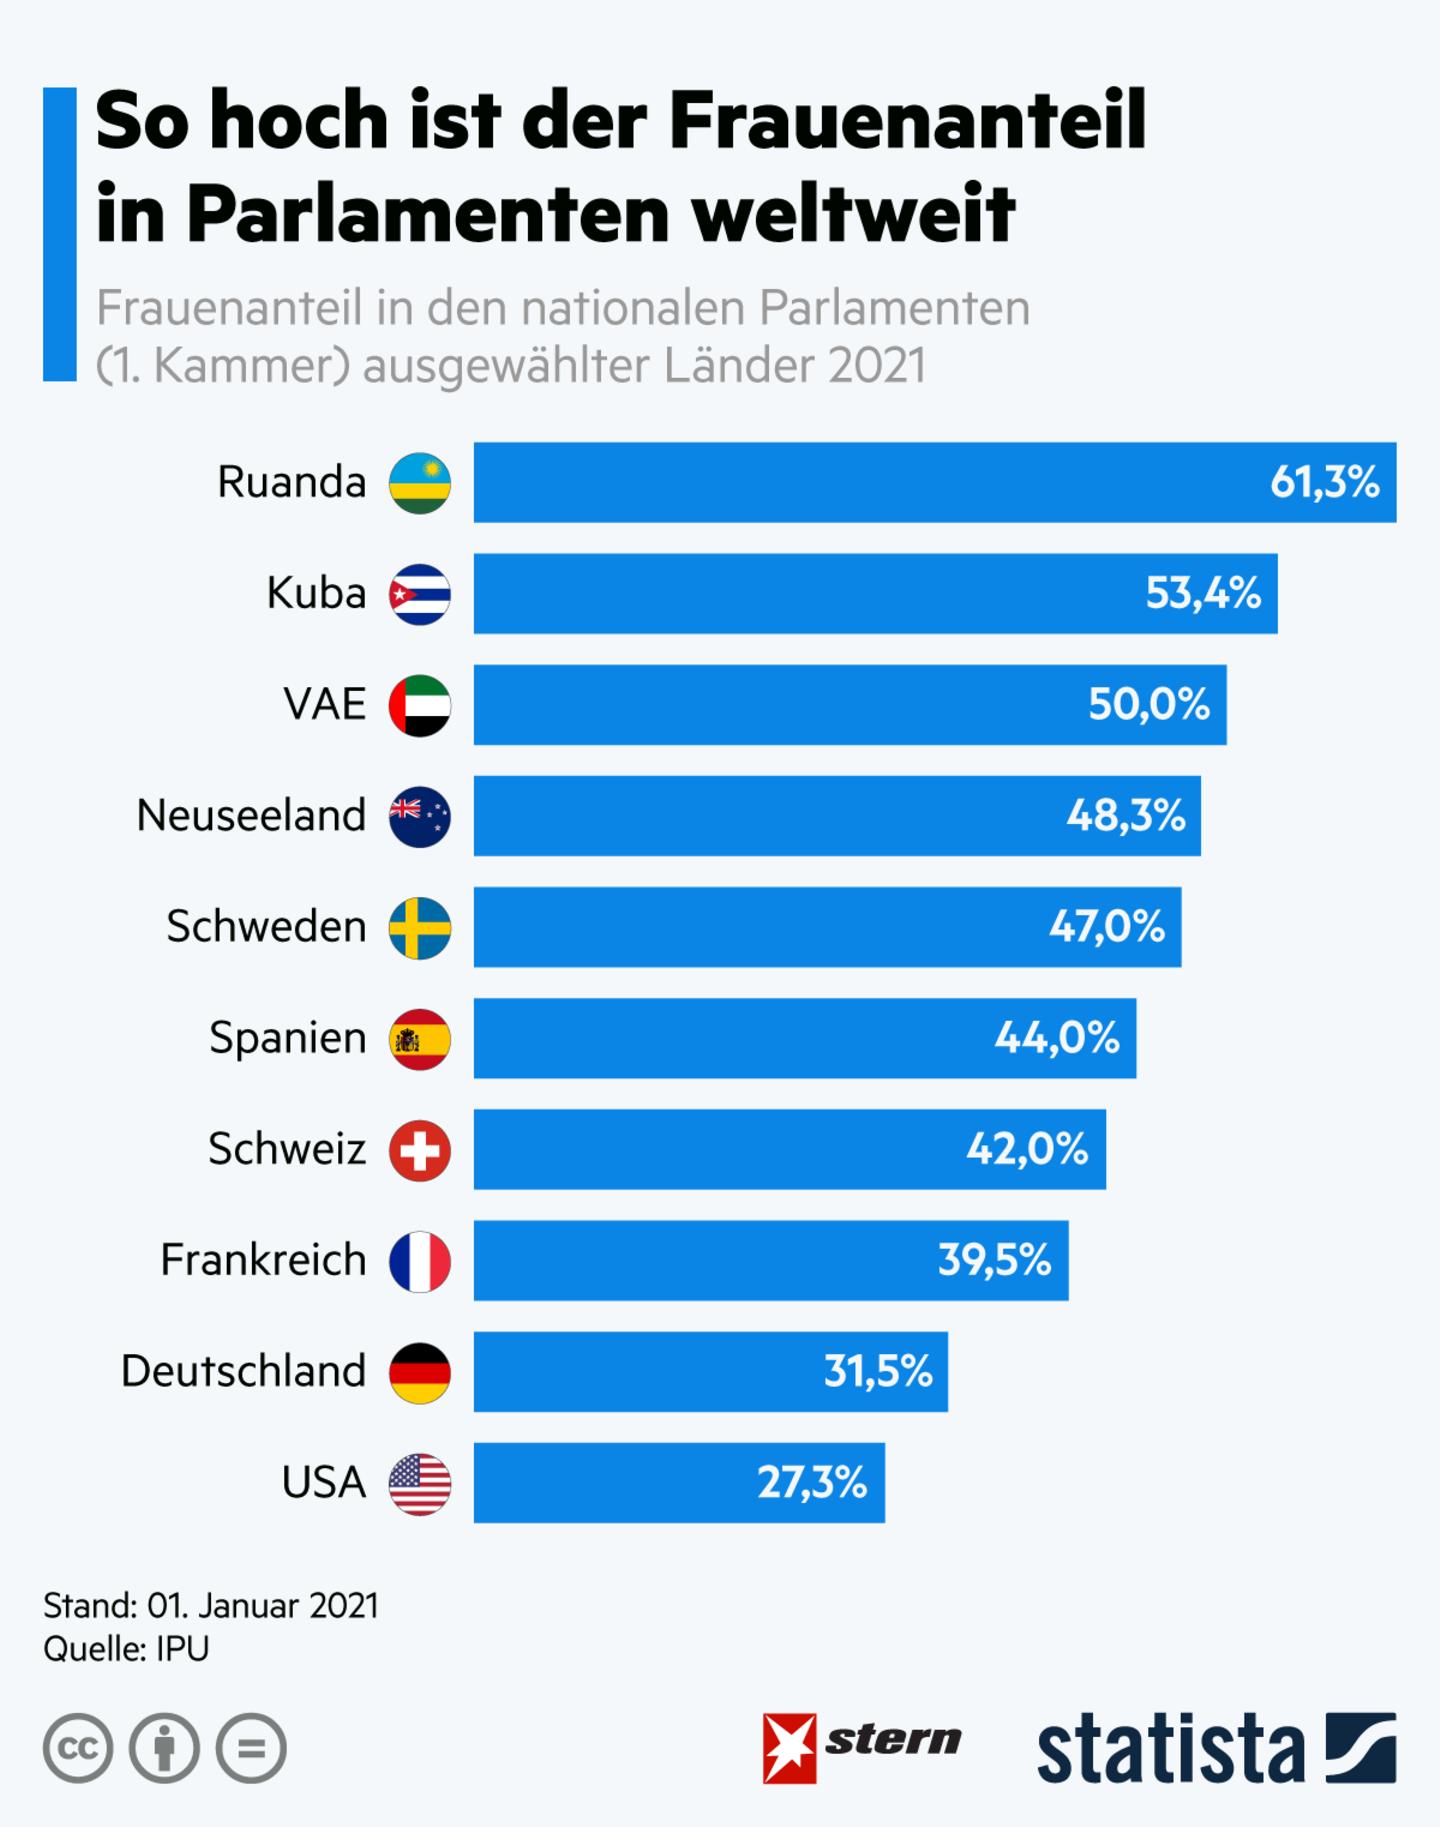 Statistik anlässlich des Weltfrauentags: Frauenanteil in Parlamenten